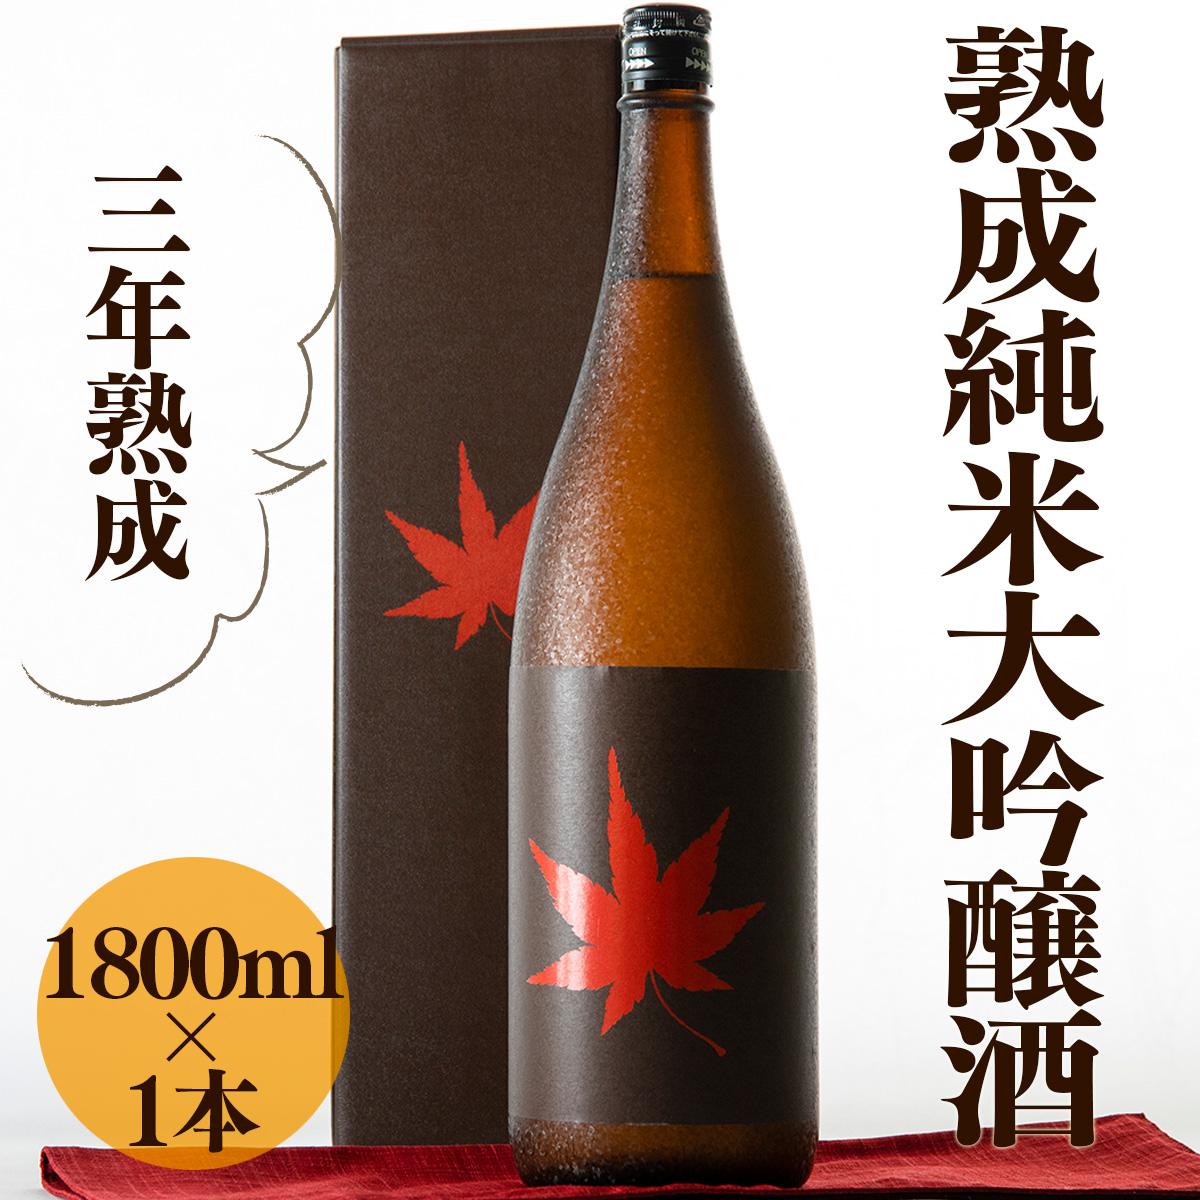 【ふるさと納税】阿賀町マンマ認定 熟成純米大吟醸酒 麒麟山「紅葉」1800ml 化粧箱入